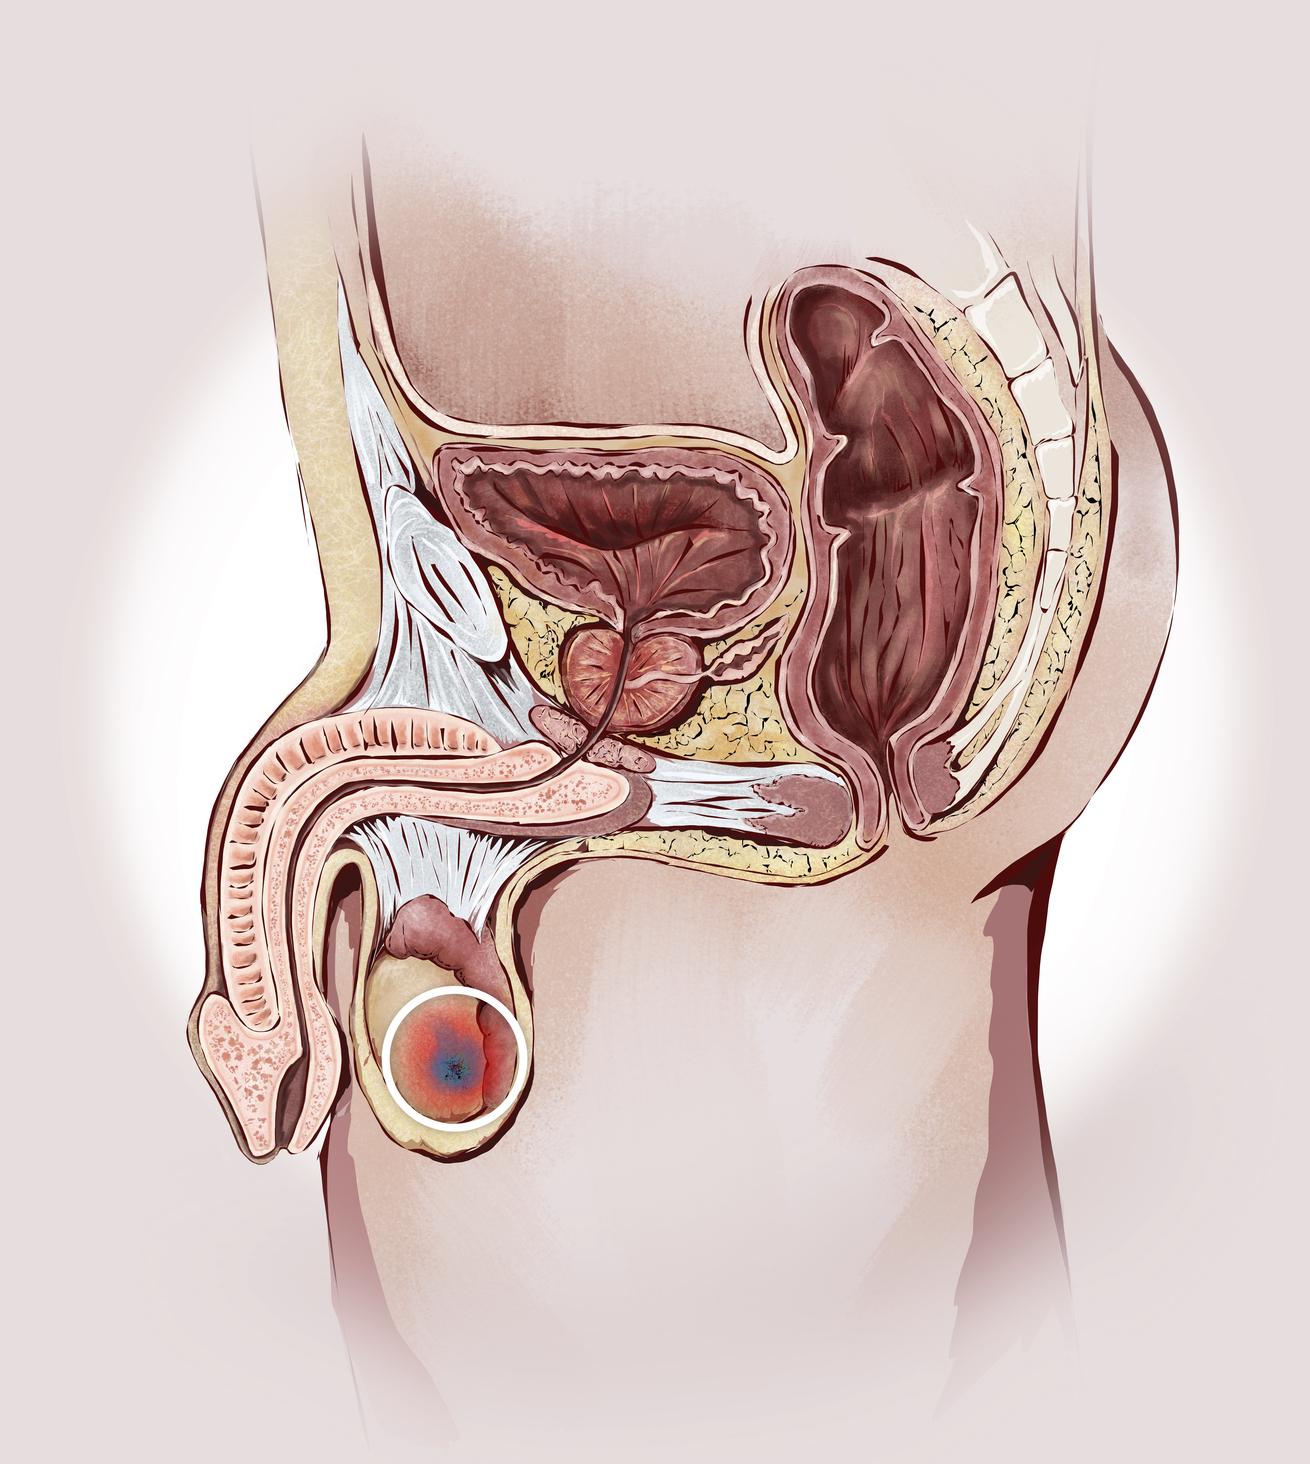 la próstata no son solo testimonios